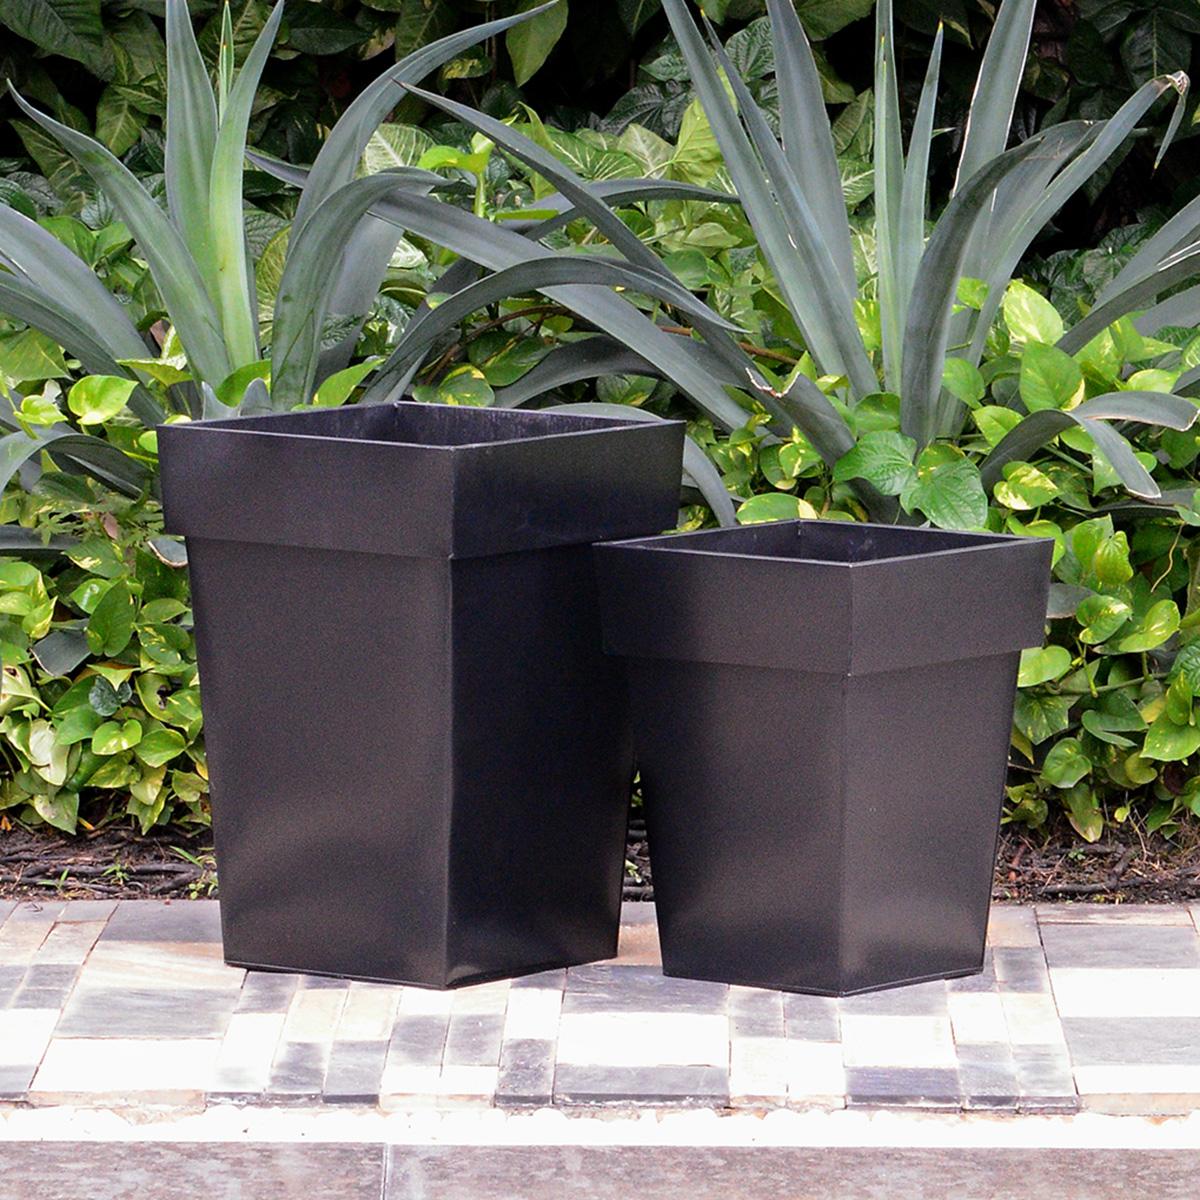 pflanzkübel zink 2er-set, h 50 cm, h 40 cm, schwarz - gartenfreude